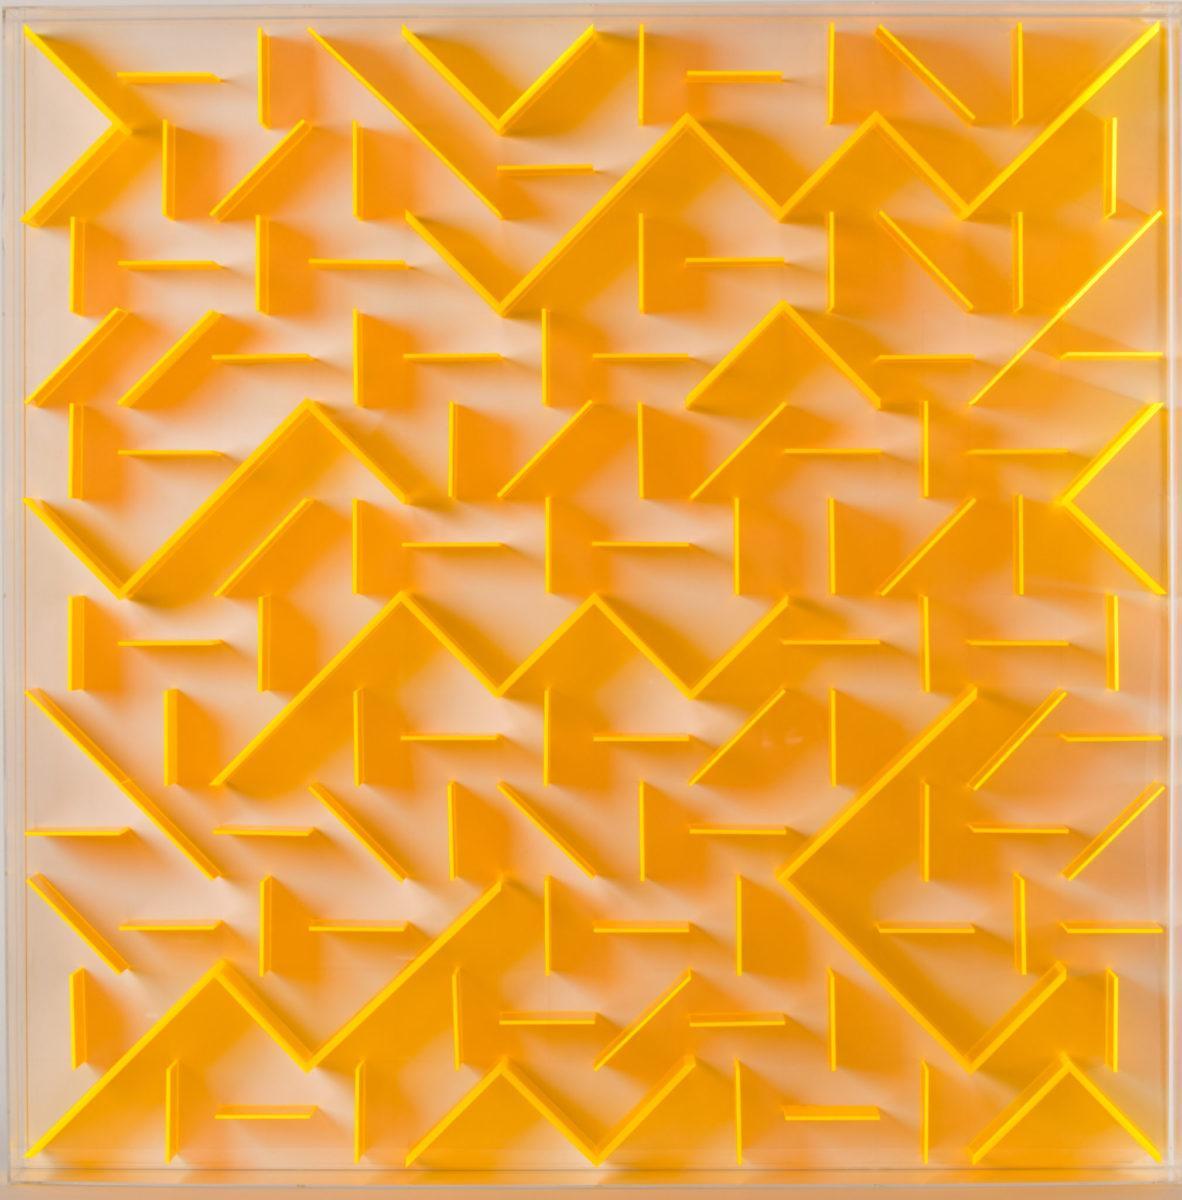 Joas Winkellabyrinth Orange 101x101x11 L21155